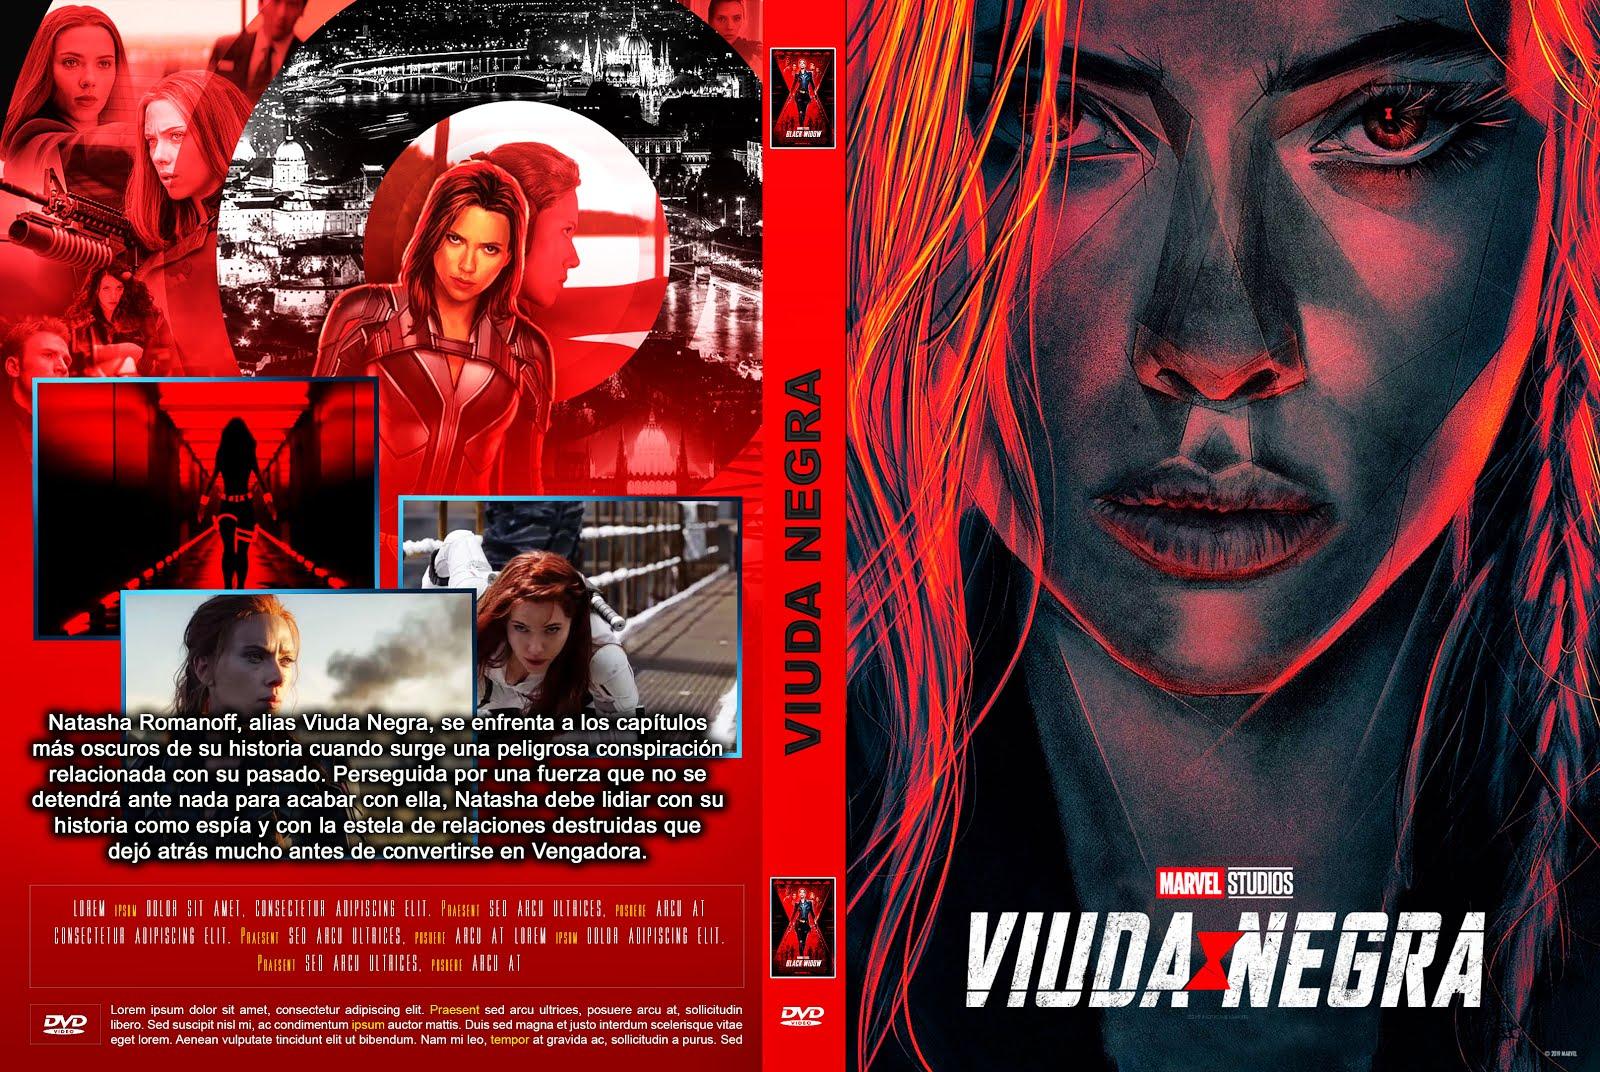 VIUDA NEGRA - Black Widow  by creaciones hd